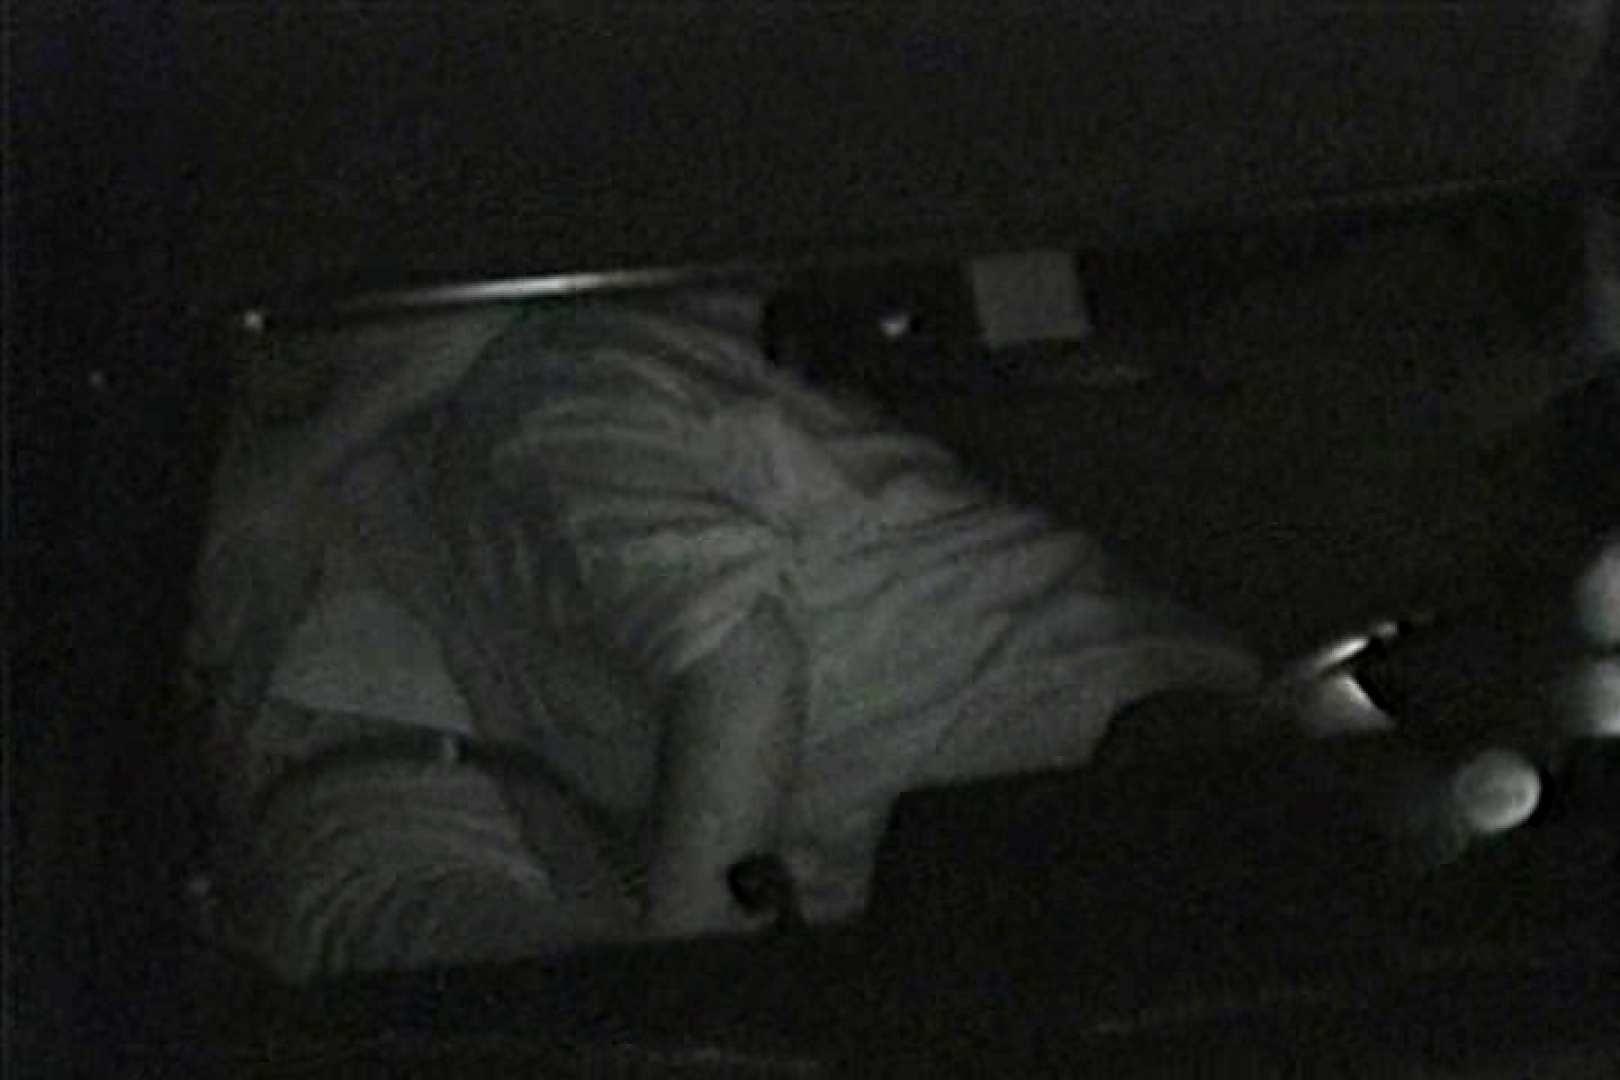 車の中はラブホテル 無修正版  Vol.7 車 セックス無修正動画無料 96連発 36